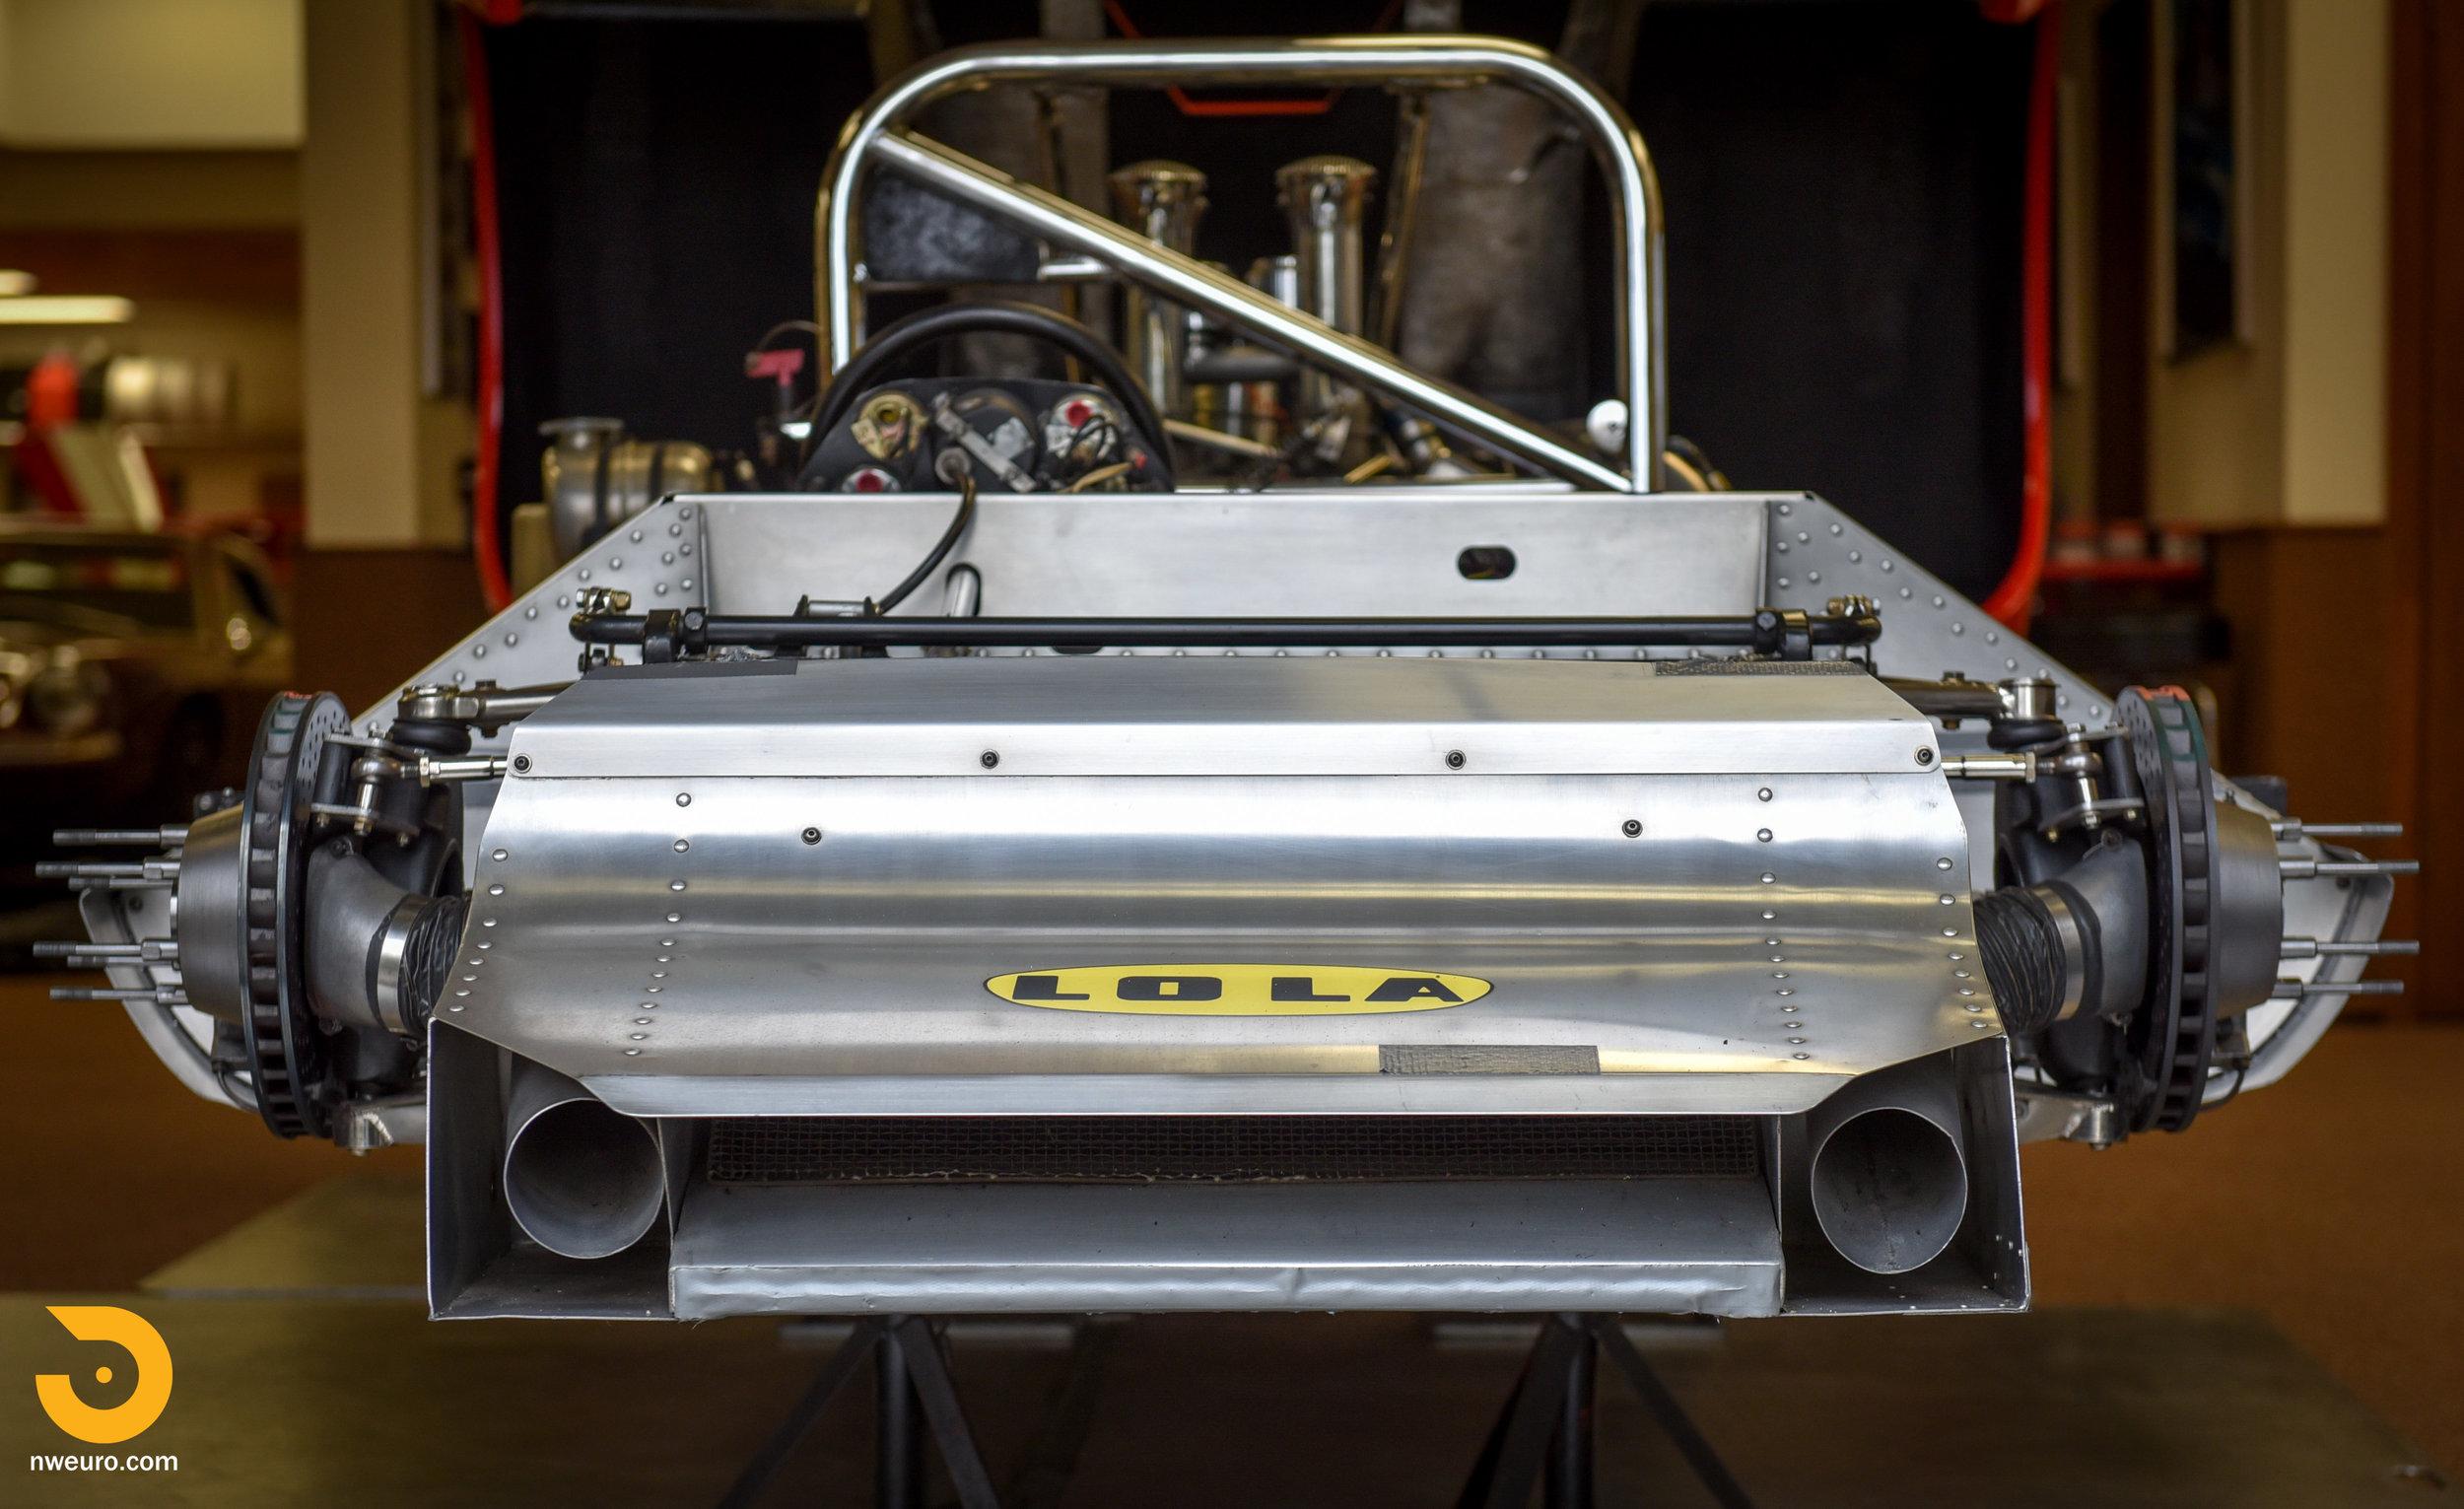 1969 Lola T162 Can-Am Race Car-14.jpg